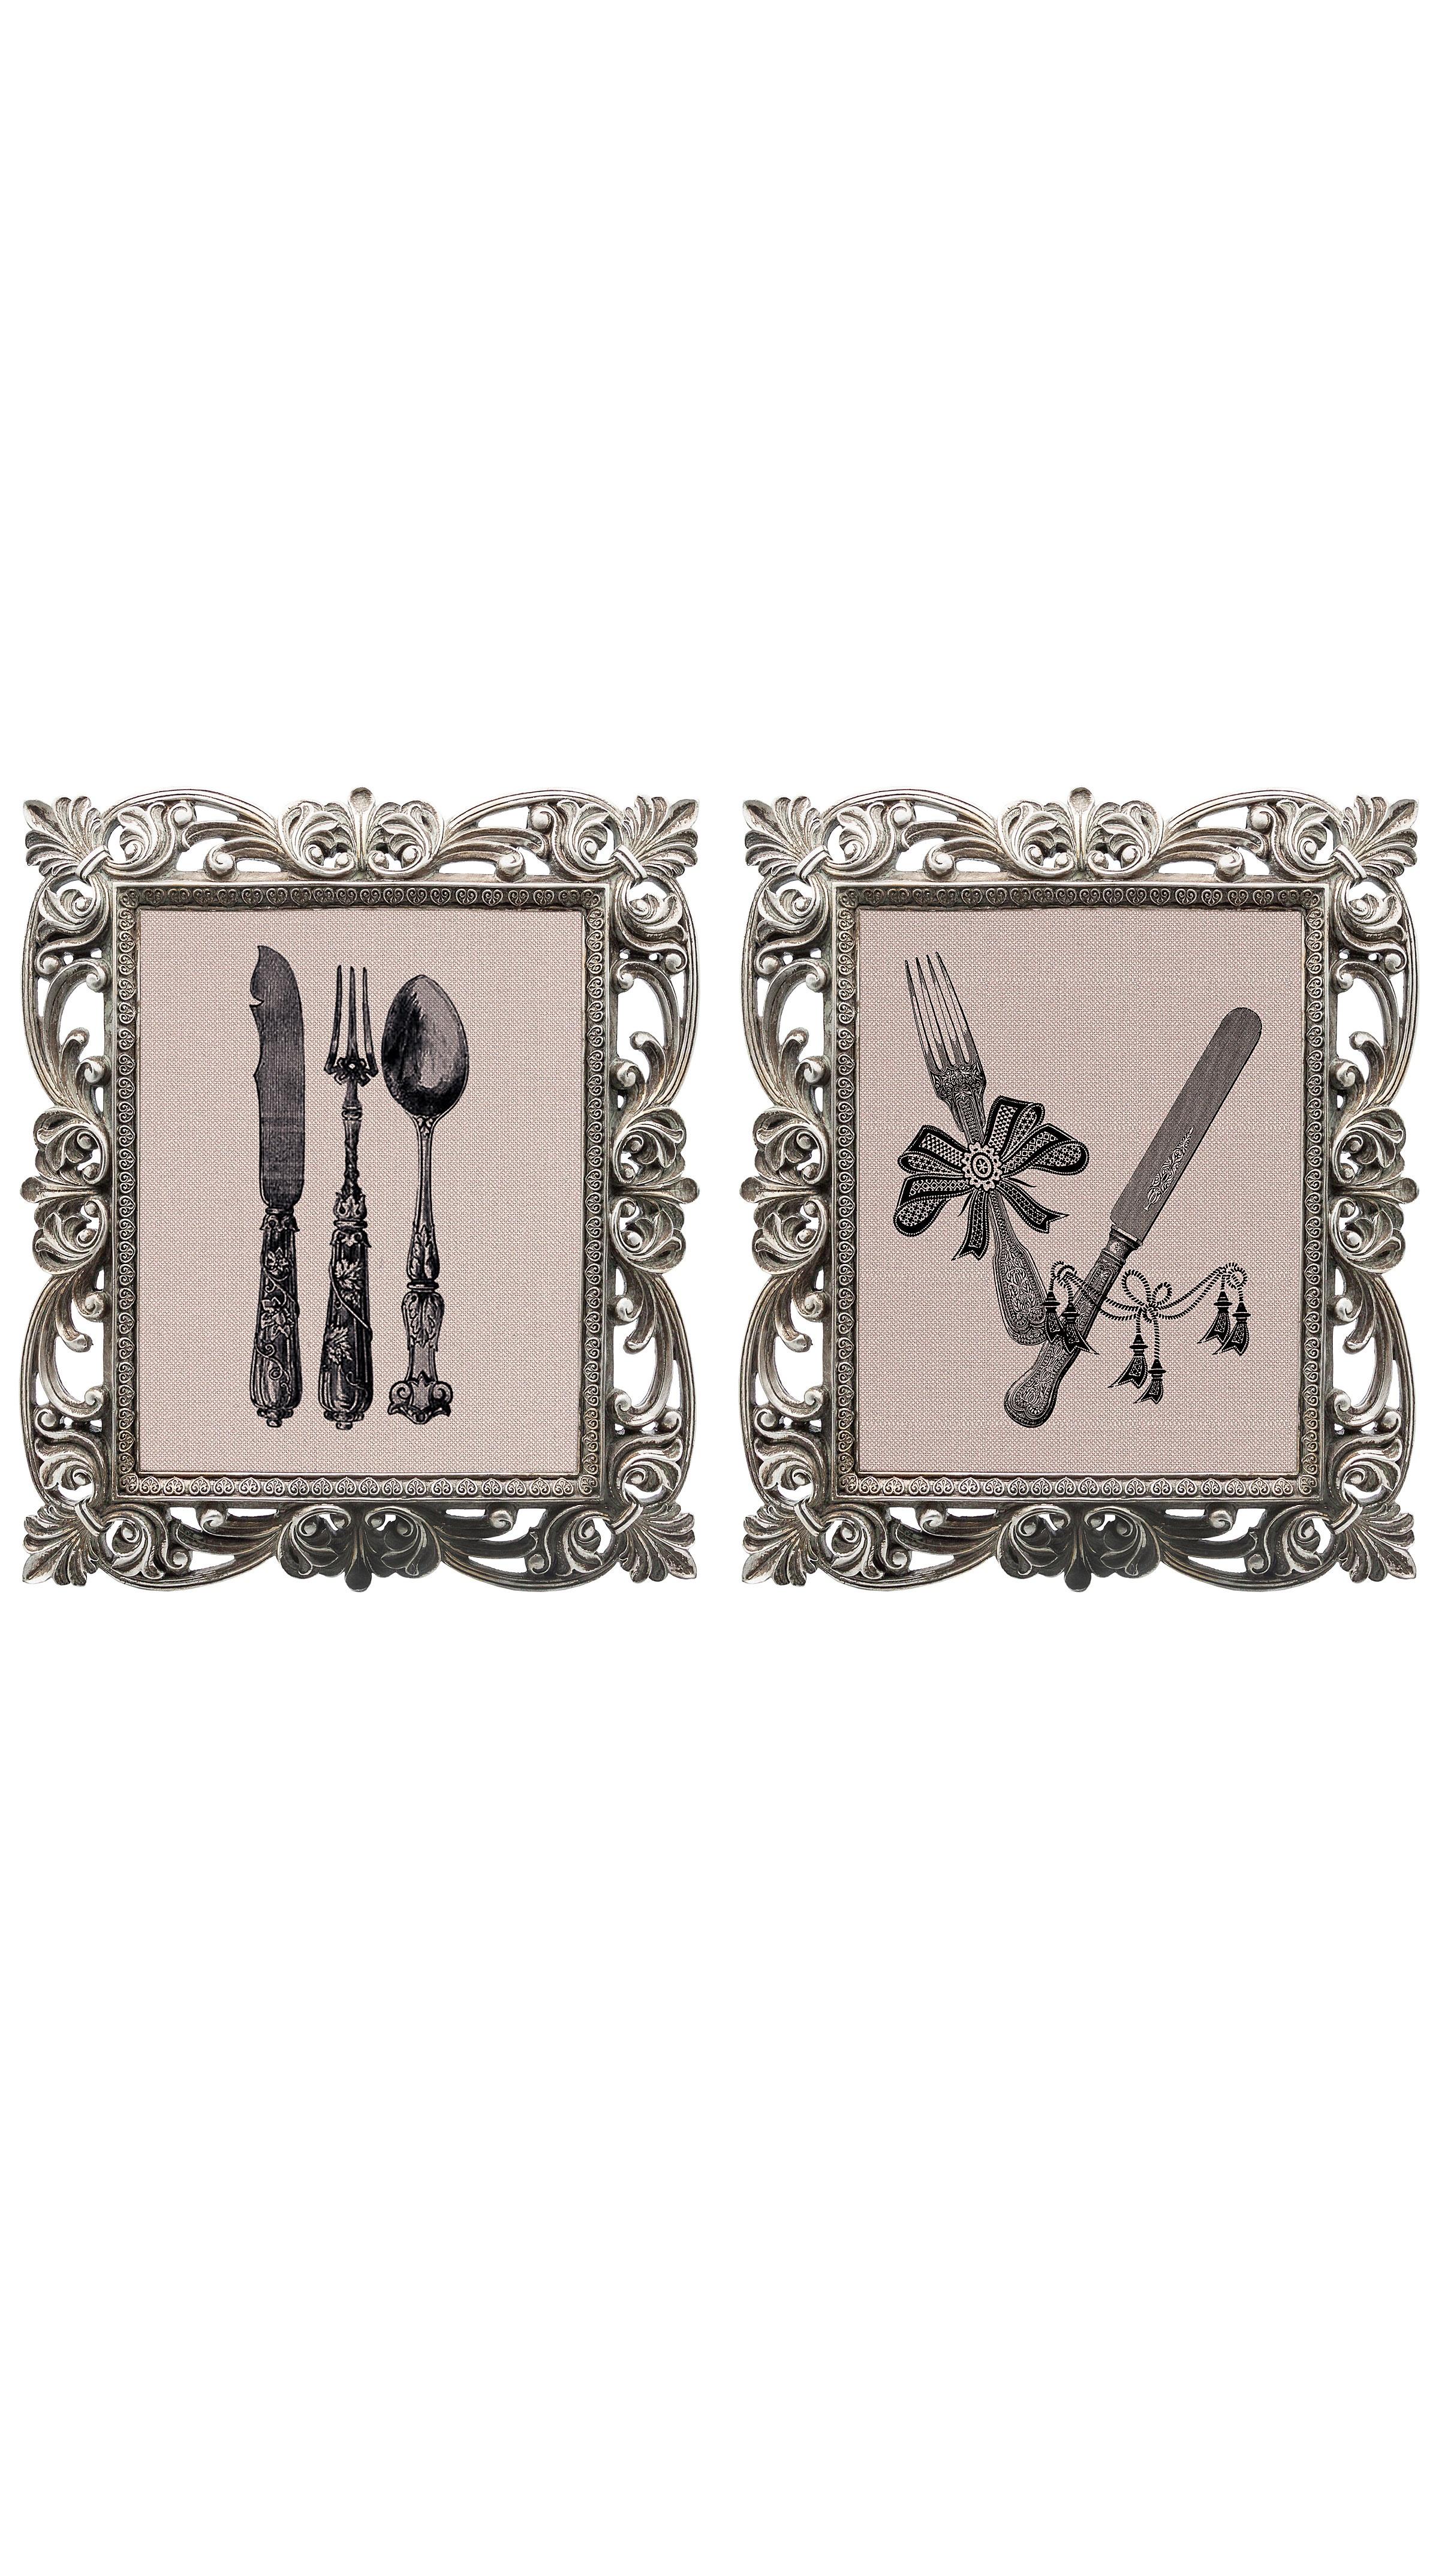 Набор из двух репродукций старинных картин в раме Беатрис. Фамильное сереброКартины<br>&amp;lt;div&amp;gt;Набор винтажных изображений «Фамильное серебро» — это не только сентиментальное воспоминание о предметах и целых эпохах прошлого, — это еще и оригинальная деталь интерьера, которая поражает множеством элементов и эффектно смотрится в любом пространстве. Декорируйте свой дом с любовью, превращая обычный день в волшебный! Искусная техника состаривания придает рамам особую теплоту и винтажность. Благородная патина на поверхности рам — интригующее приглашение к прогулке в мир старинных реликвий! Картины можно повесить на стену, а можно поставить, например, на стол или камин. Если Вам захочется обновить интерьер, Вы можете с легкостью заменить изображение картин!&amp;lt;/div&amp;gt;&amp;lt;div&amp;gt;&amp;lt;br&amp;gt;&amp;lt;/div&amp;gt;&amp;lt;div&amp;gt;Изображение - дизайнерская бумага; рама - искуственный камень; защитный слой - стекло&amp;amp;nbsp;&amp;lt;/div&amp;gt;&amp;lt;div&amp;gt;&amp;lt;br&amp;gt;&amp;lt;/div&amp;gt;<br><br>Material: Бумага<br>Width см: 30<br>Depth см: 2,3<br>Height см: 35